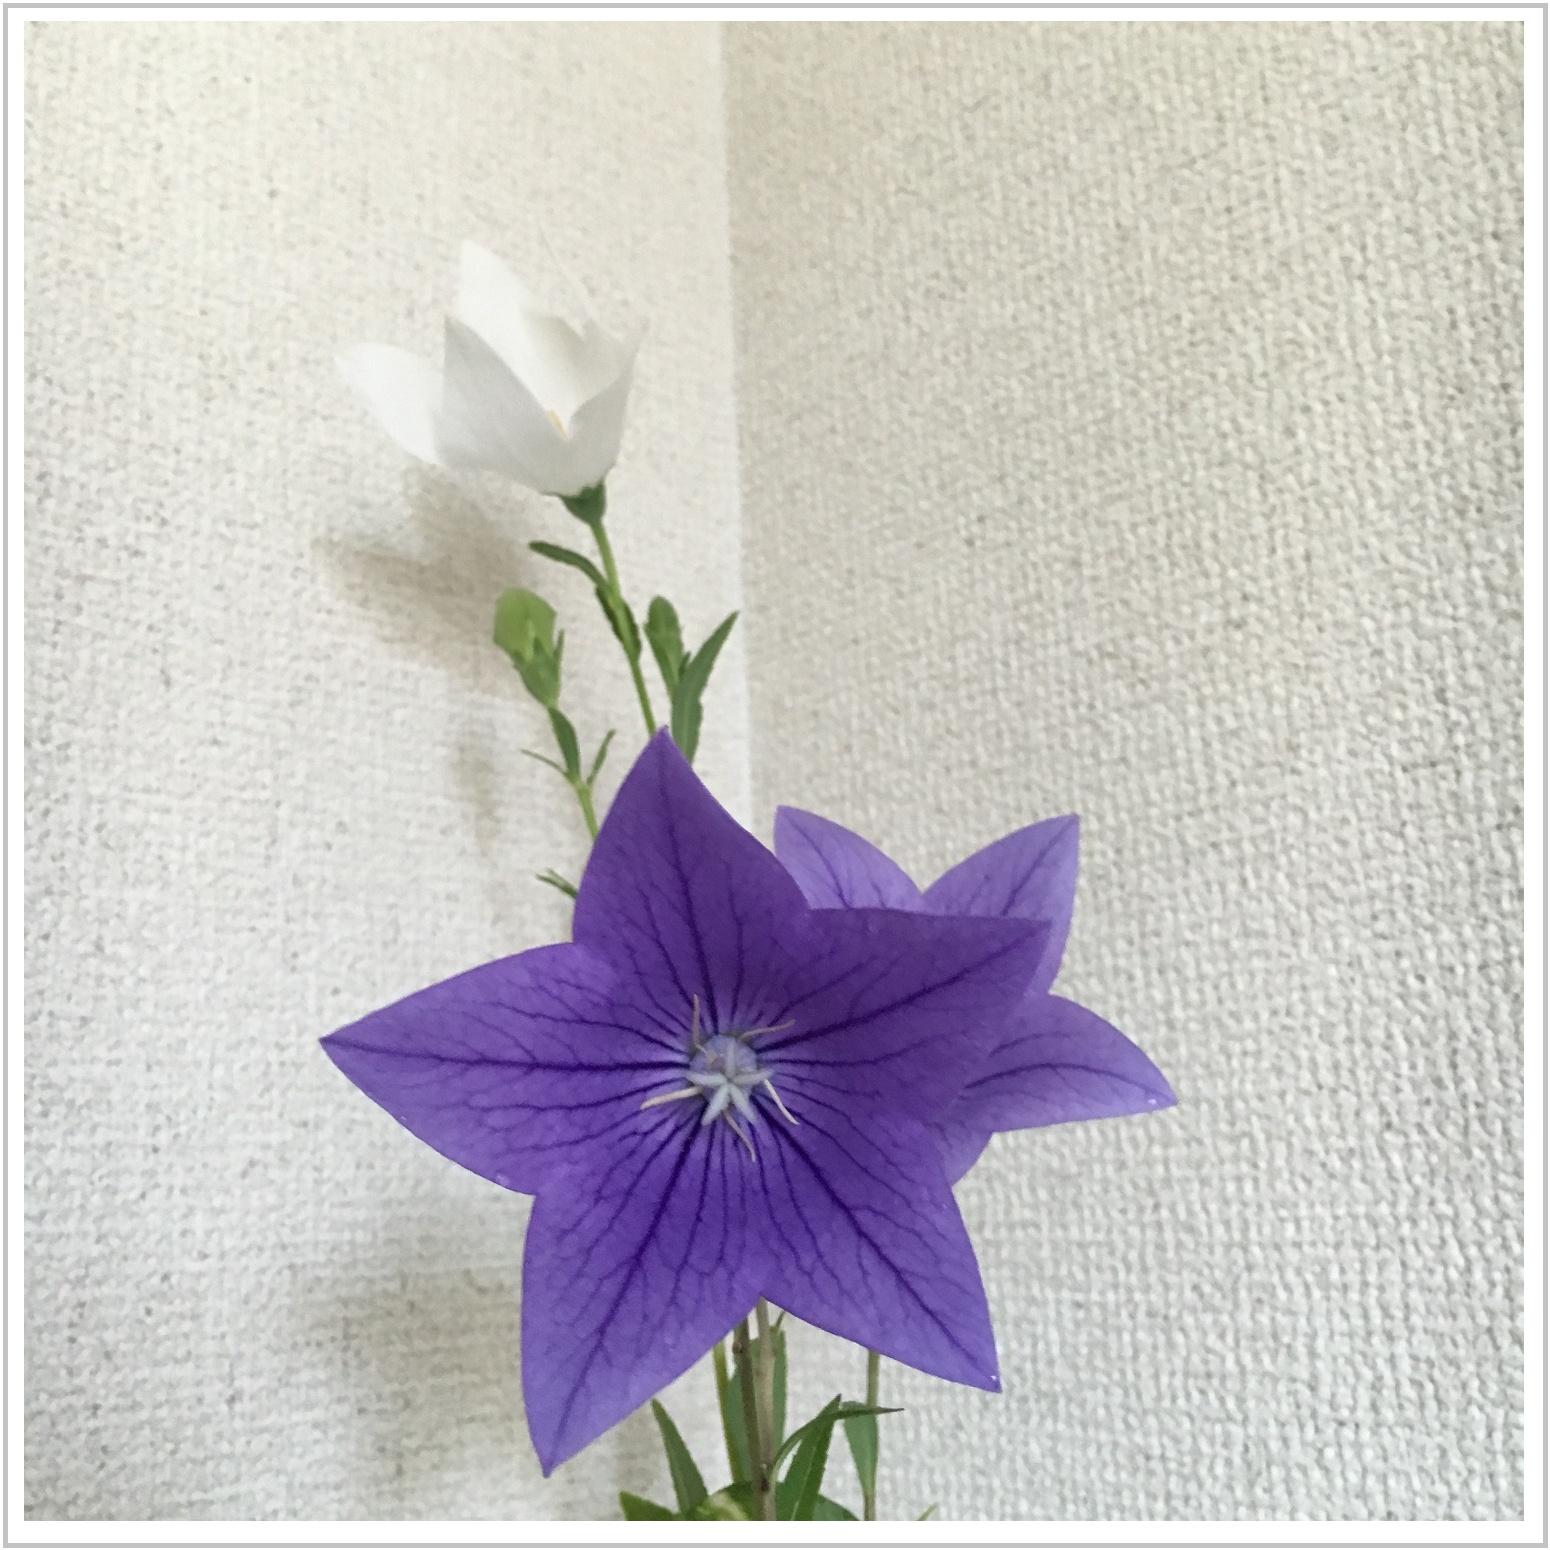 kikyo_7_721.jpg